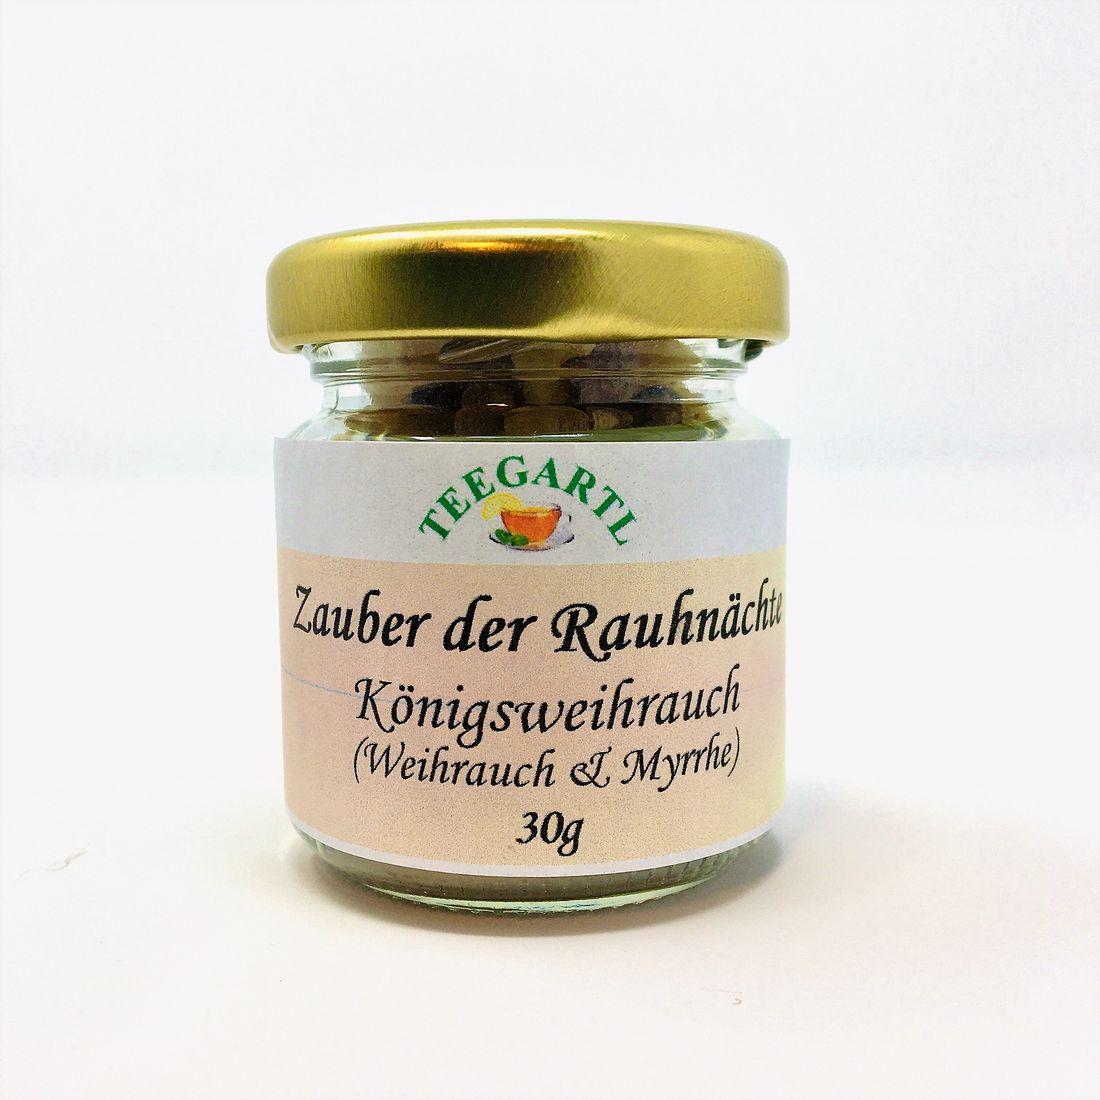 Zauber der Rauhnächte - Königsweihrauch mit MYRRHE 30g